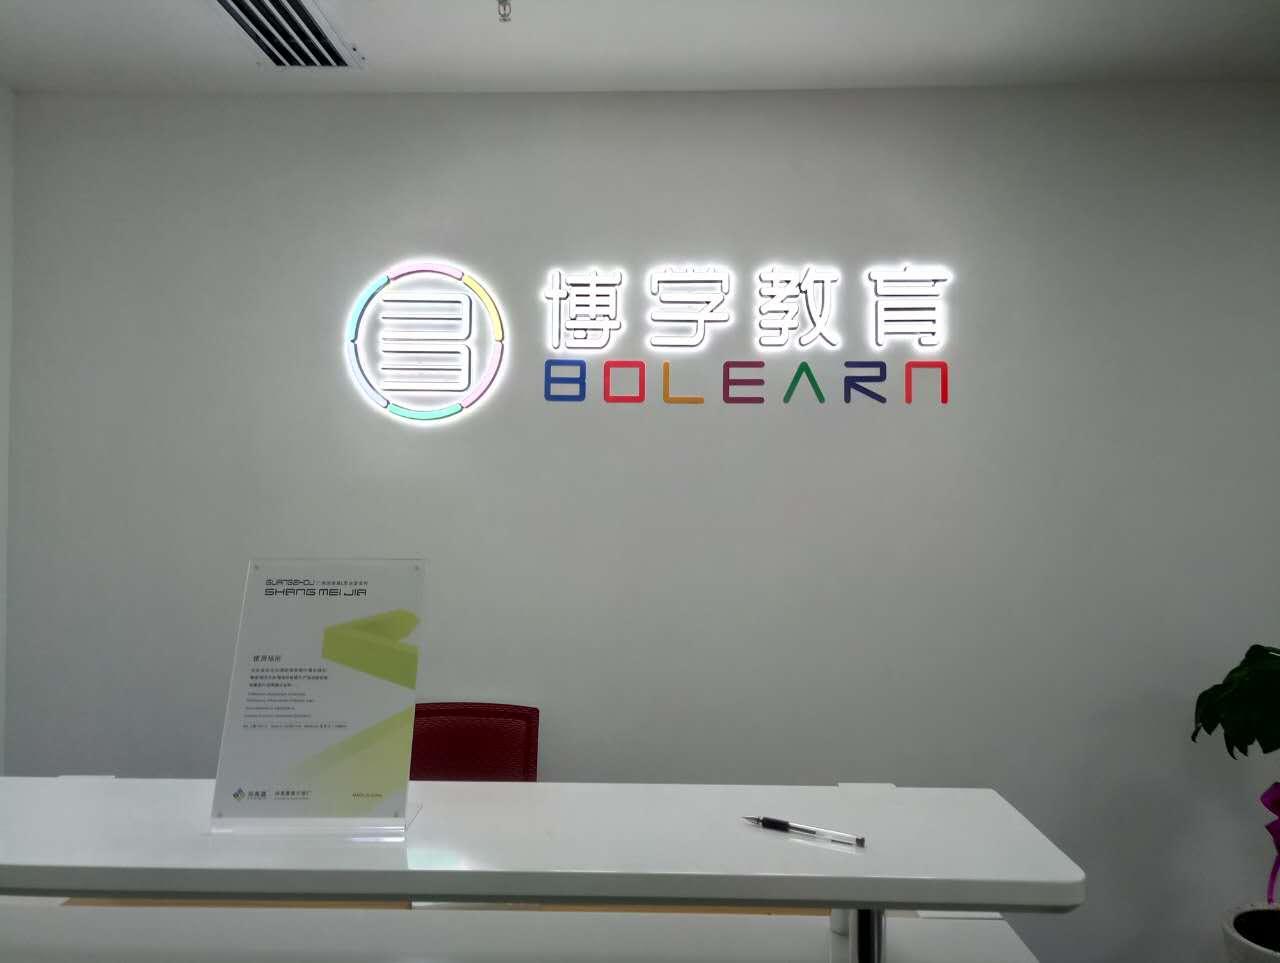 深圳市博学教育咨询管理有限公司